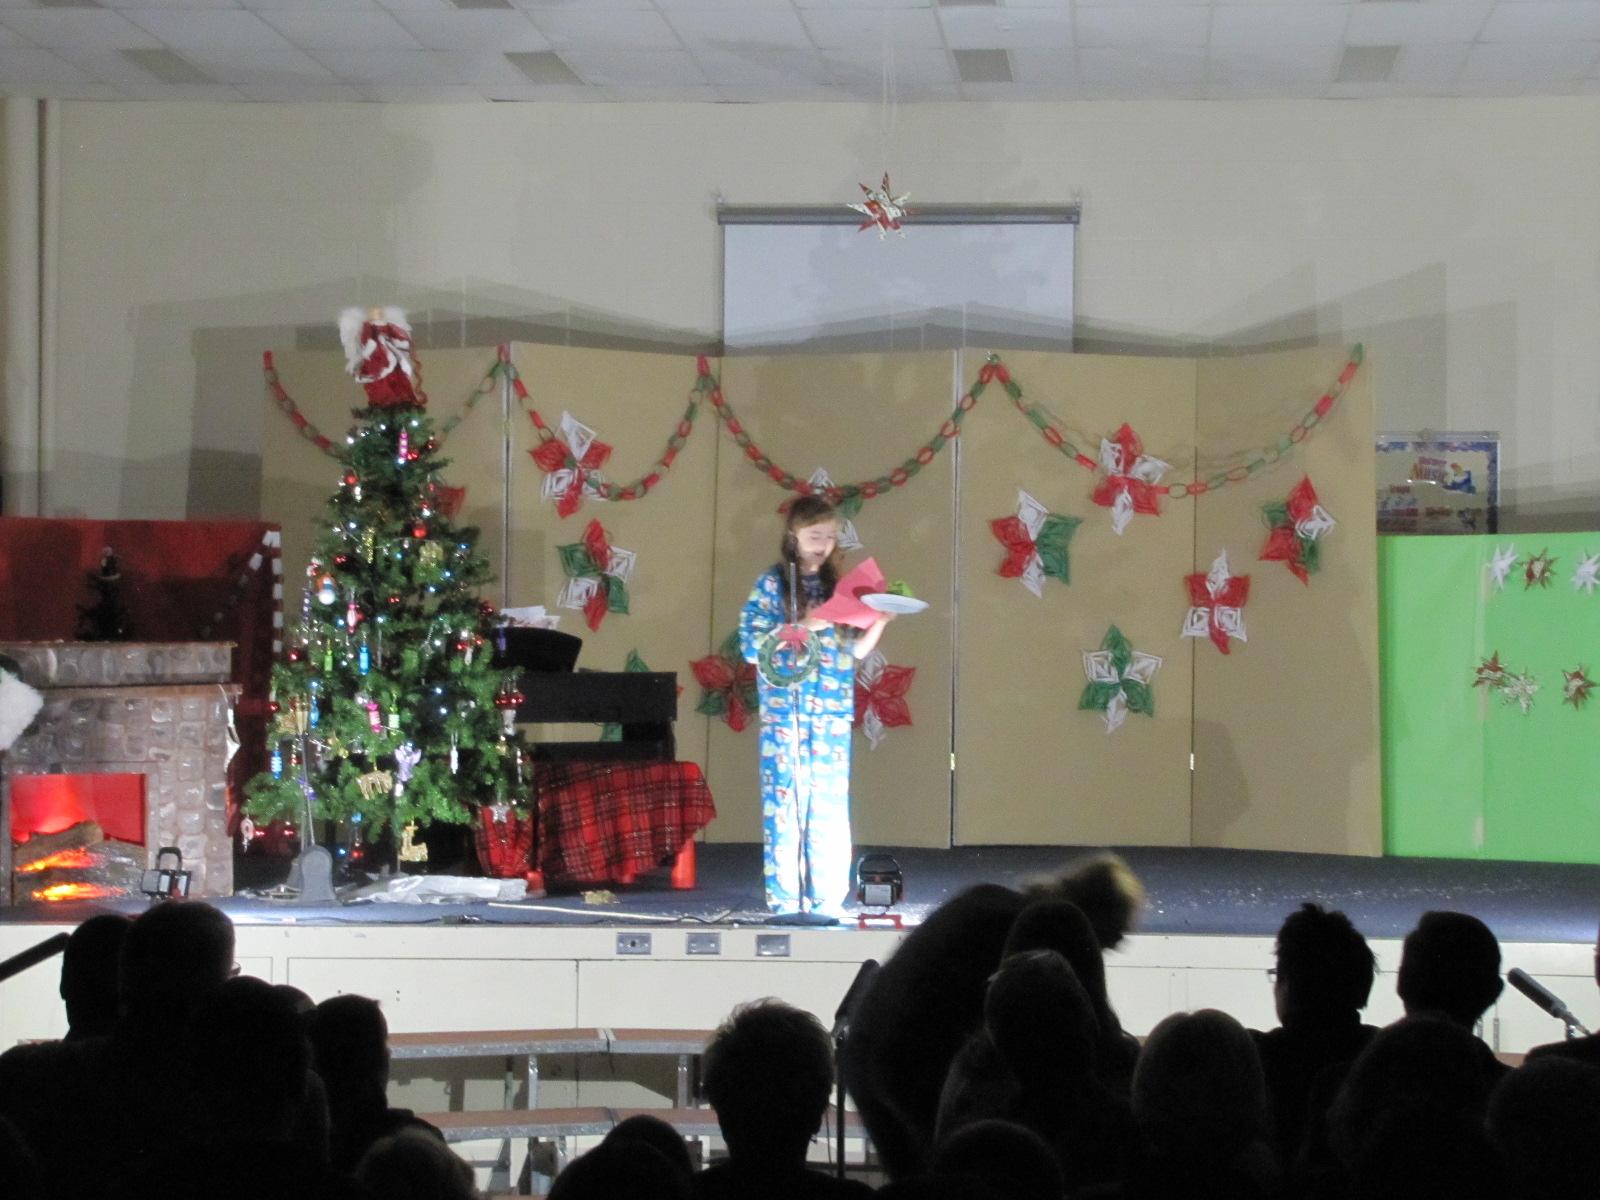 2014-12-17 TV School Christmas Concert 015